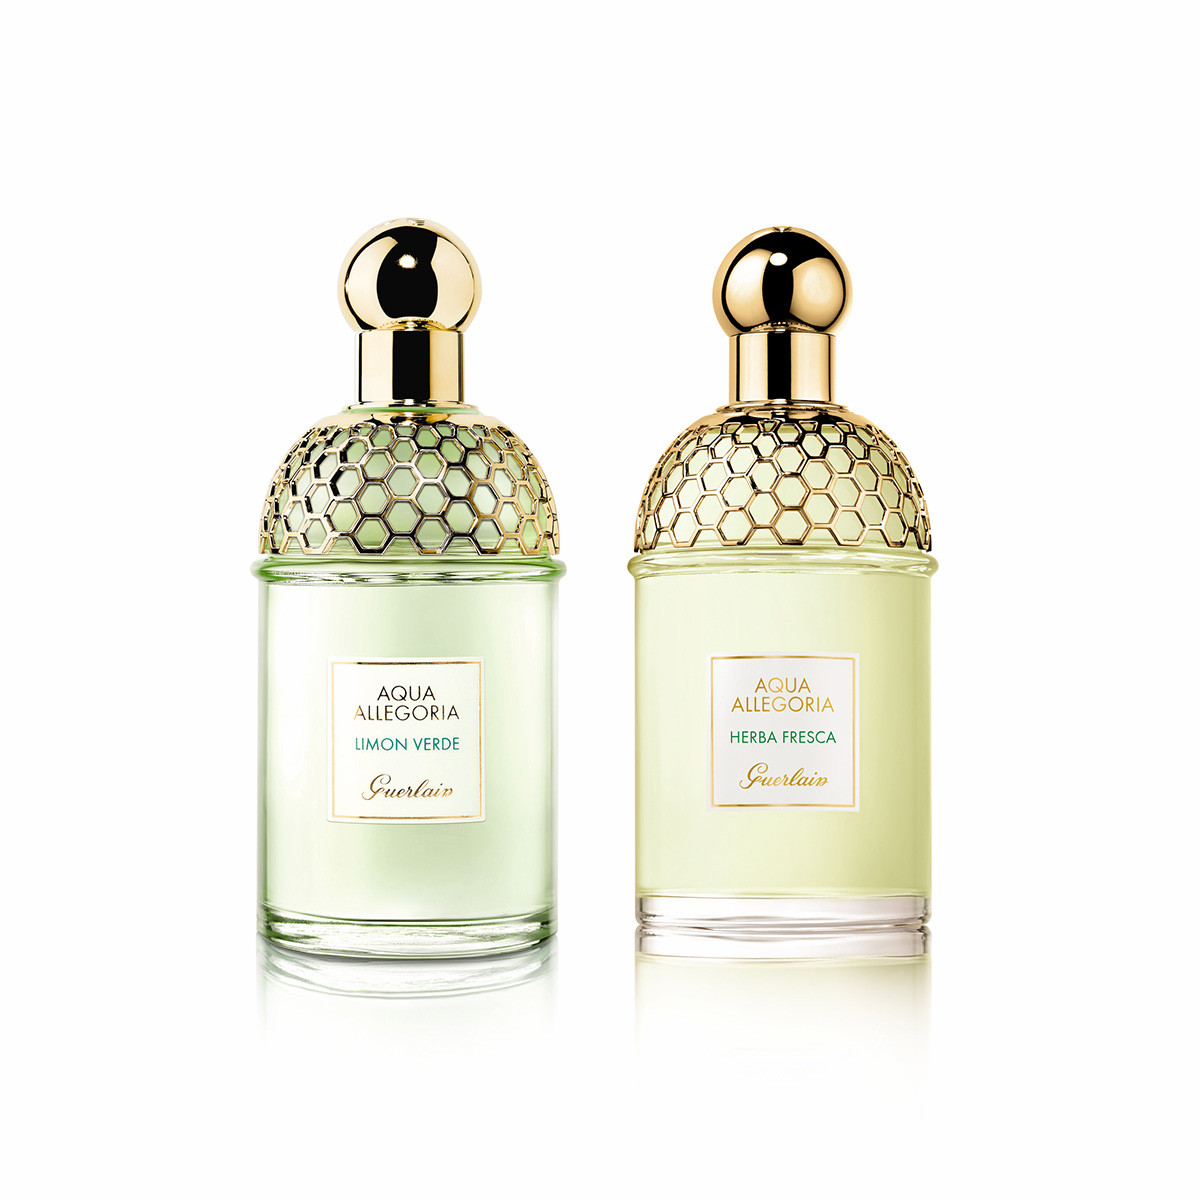 """シュッとひと吹きで、自然の楽園へと誘われる至福の香り。「ゲラン」の""""アクア アレゴリア""""から2つの香りが新登場!_1_4"""